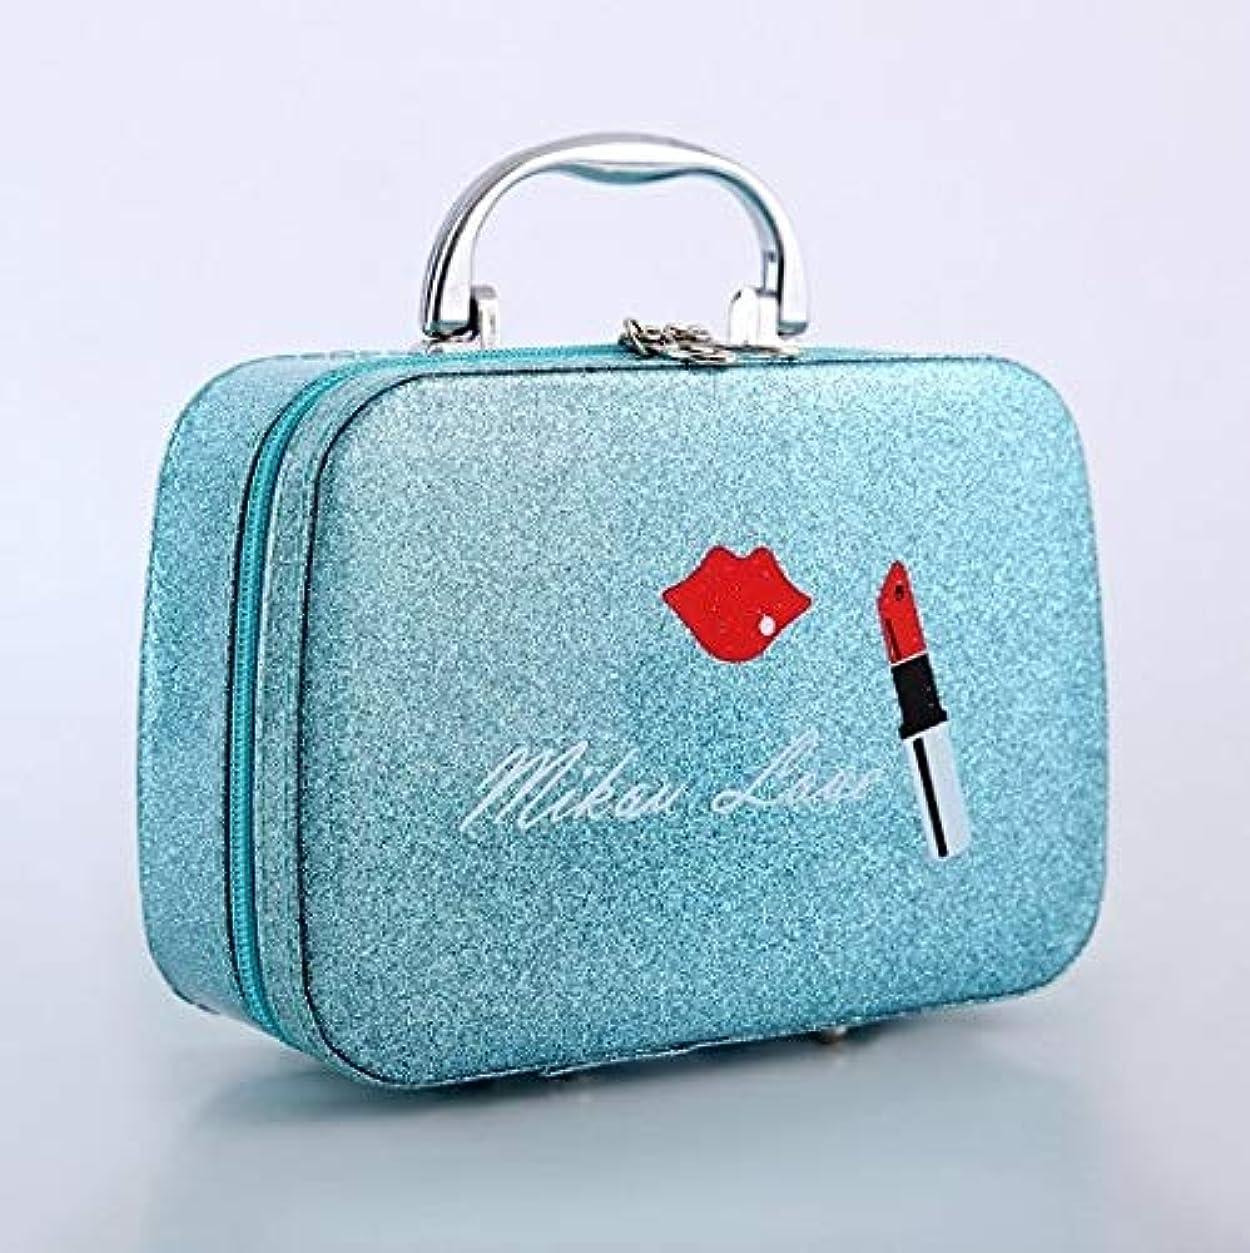 ぺディカブ割り当て花弁化粧箱、口紅の唇、スクラブ、携帯用化粧品ケース、携帯用旅行化粧品ケース、美容ネイルジュエリー収納ボックス